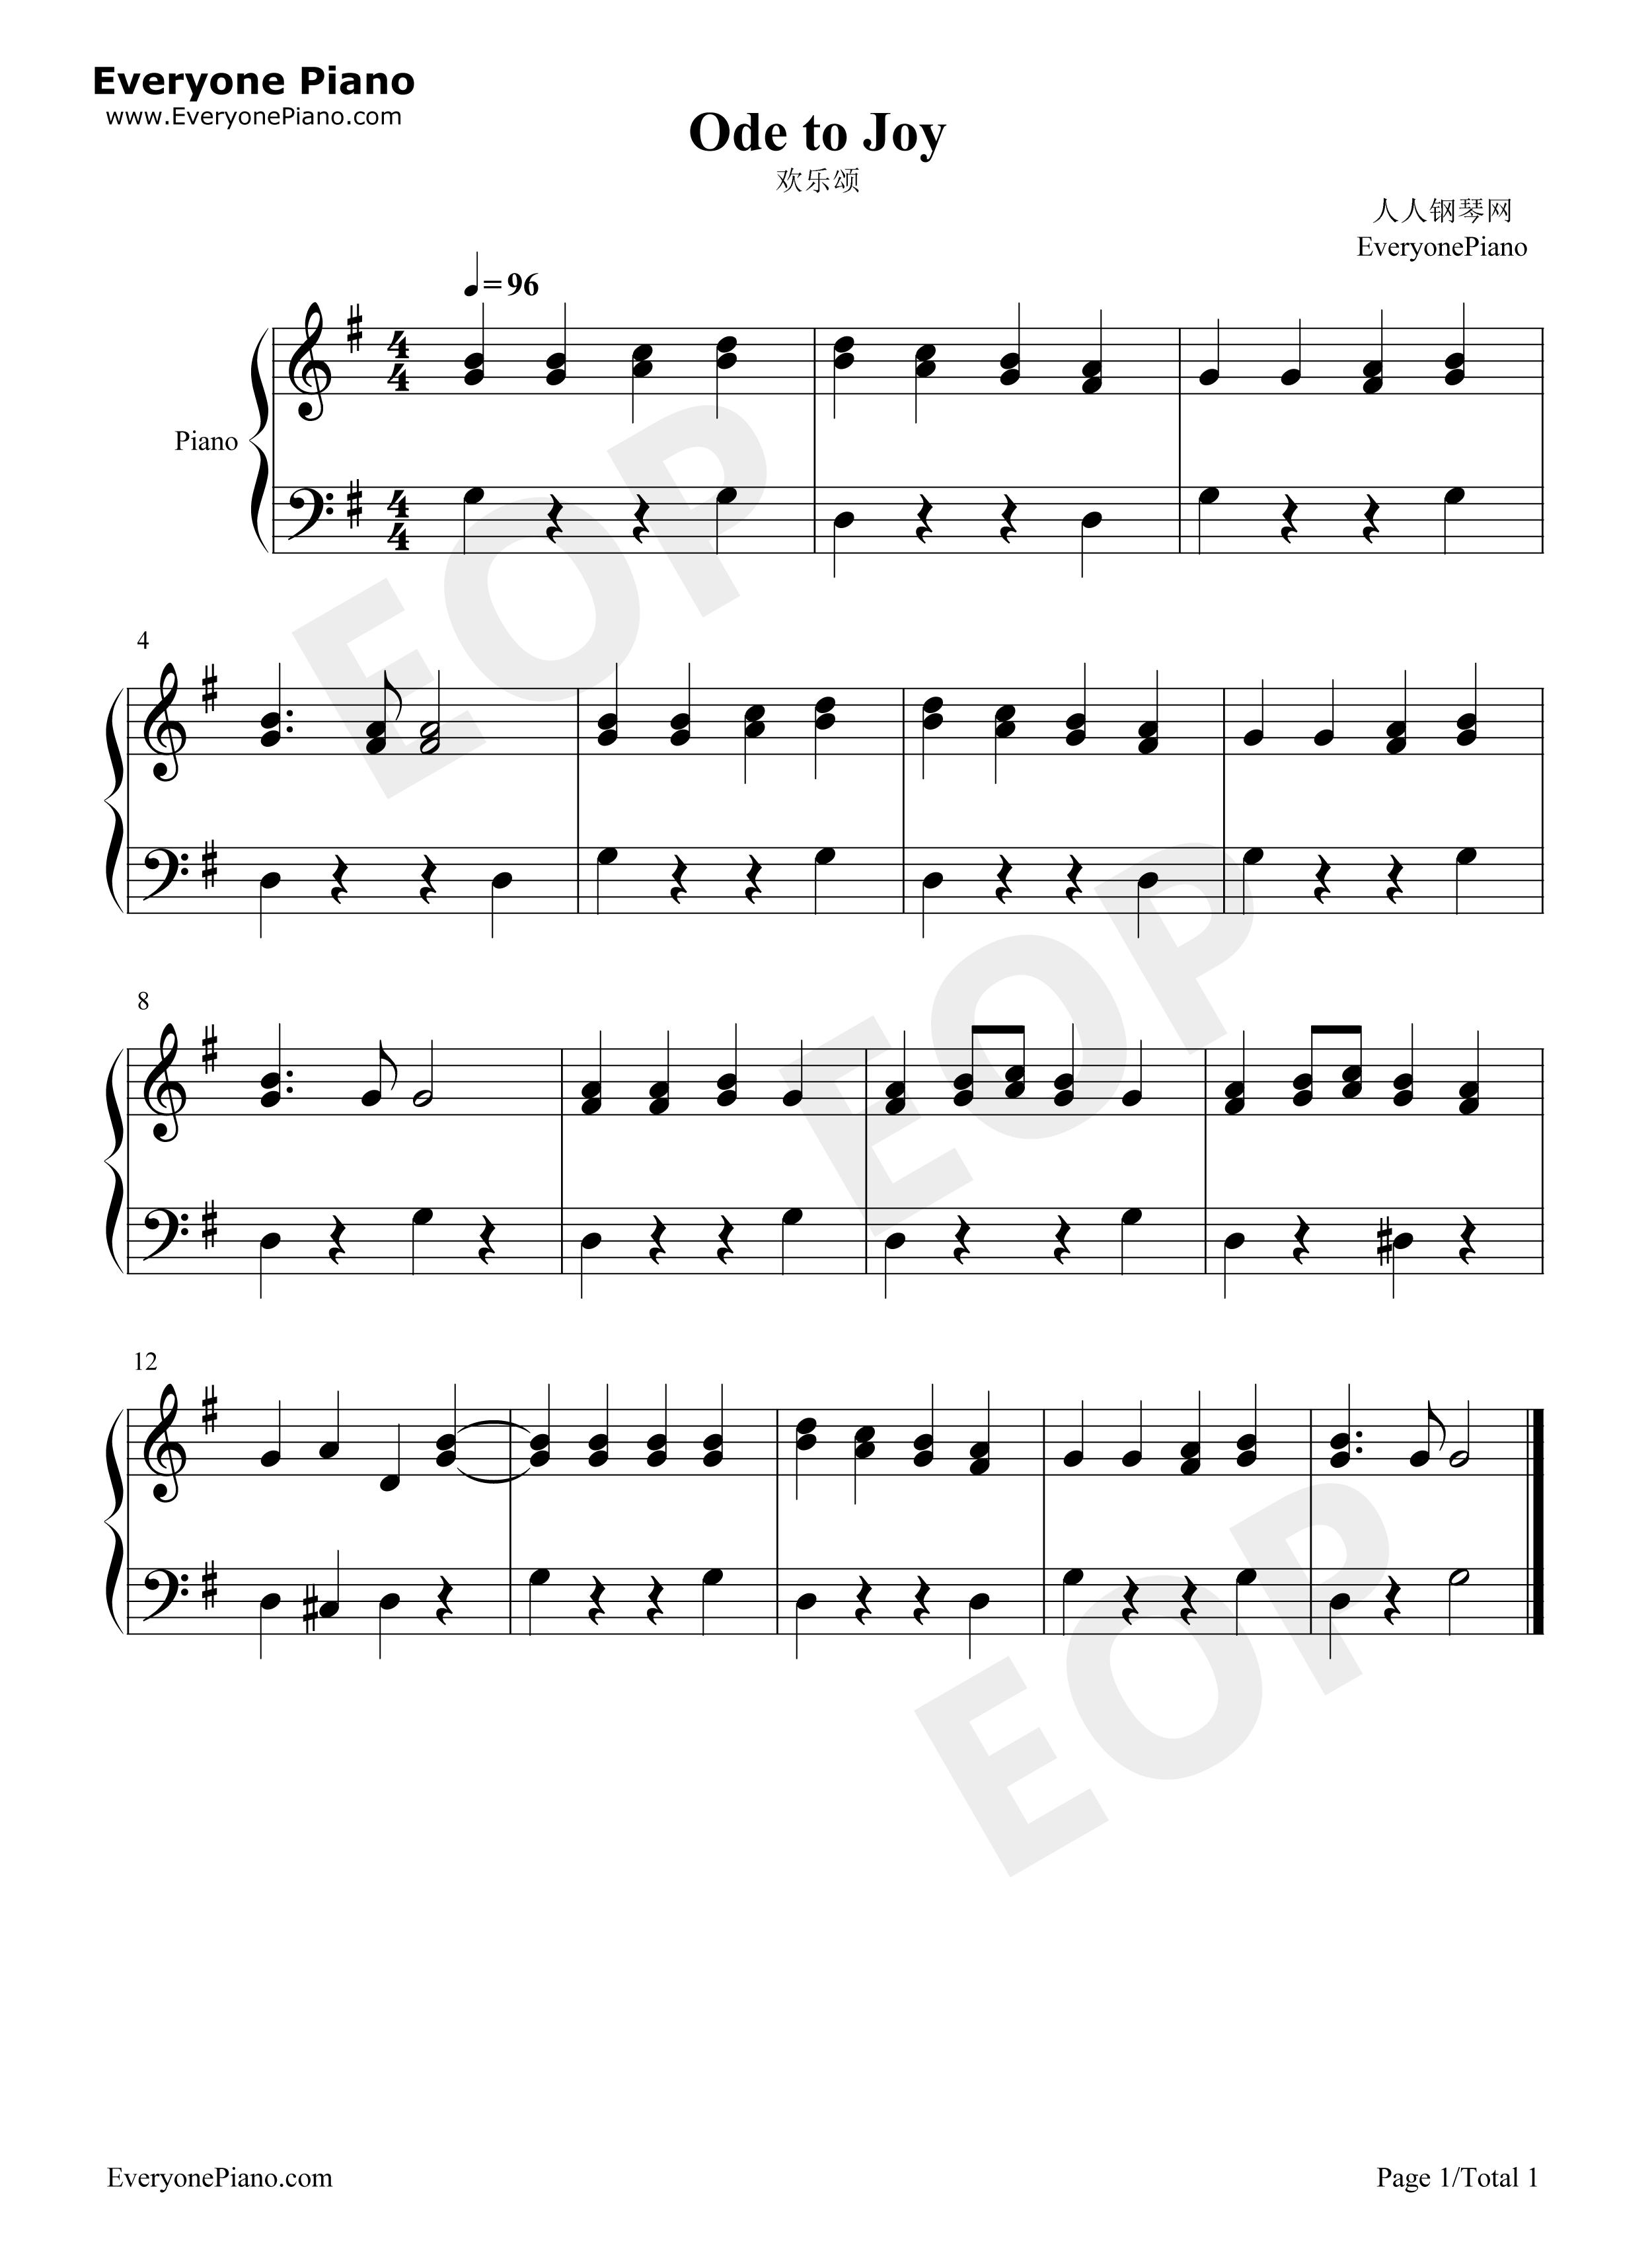 钢琴曲谱 儿歌 欢乐颂 欢乐颂五线谱预览1  }  仅供学习交流使用!